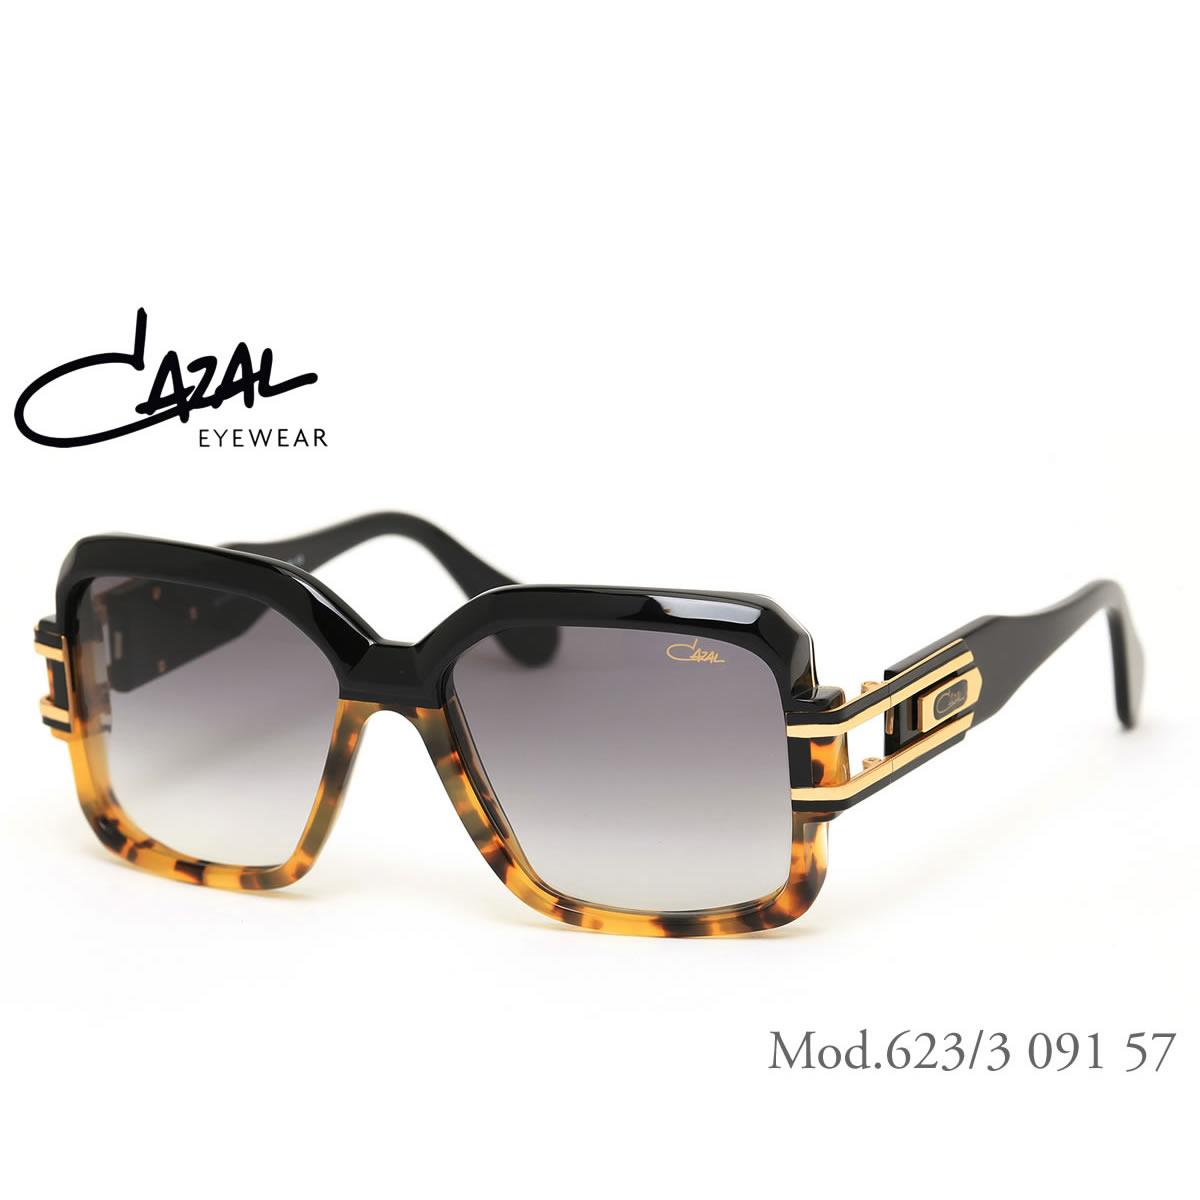 【10月30日からエントリーで全品ポイント20倍】【CAZAL】(カザール) サングラス レジェンズ 623/3 091 57サイズ レジェンド CAZAL LEGENDS 限定生産 デミハーフコレクション メンズ レディース